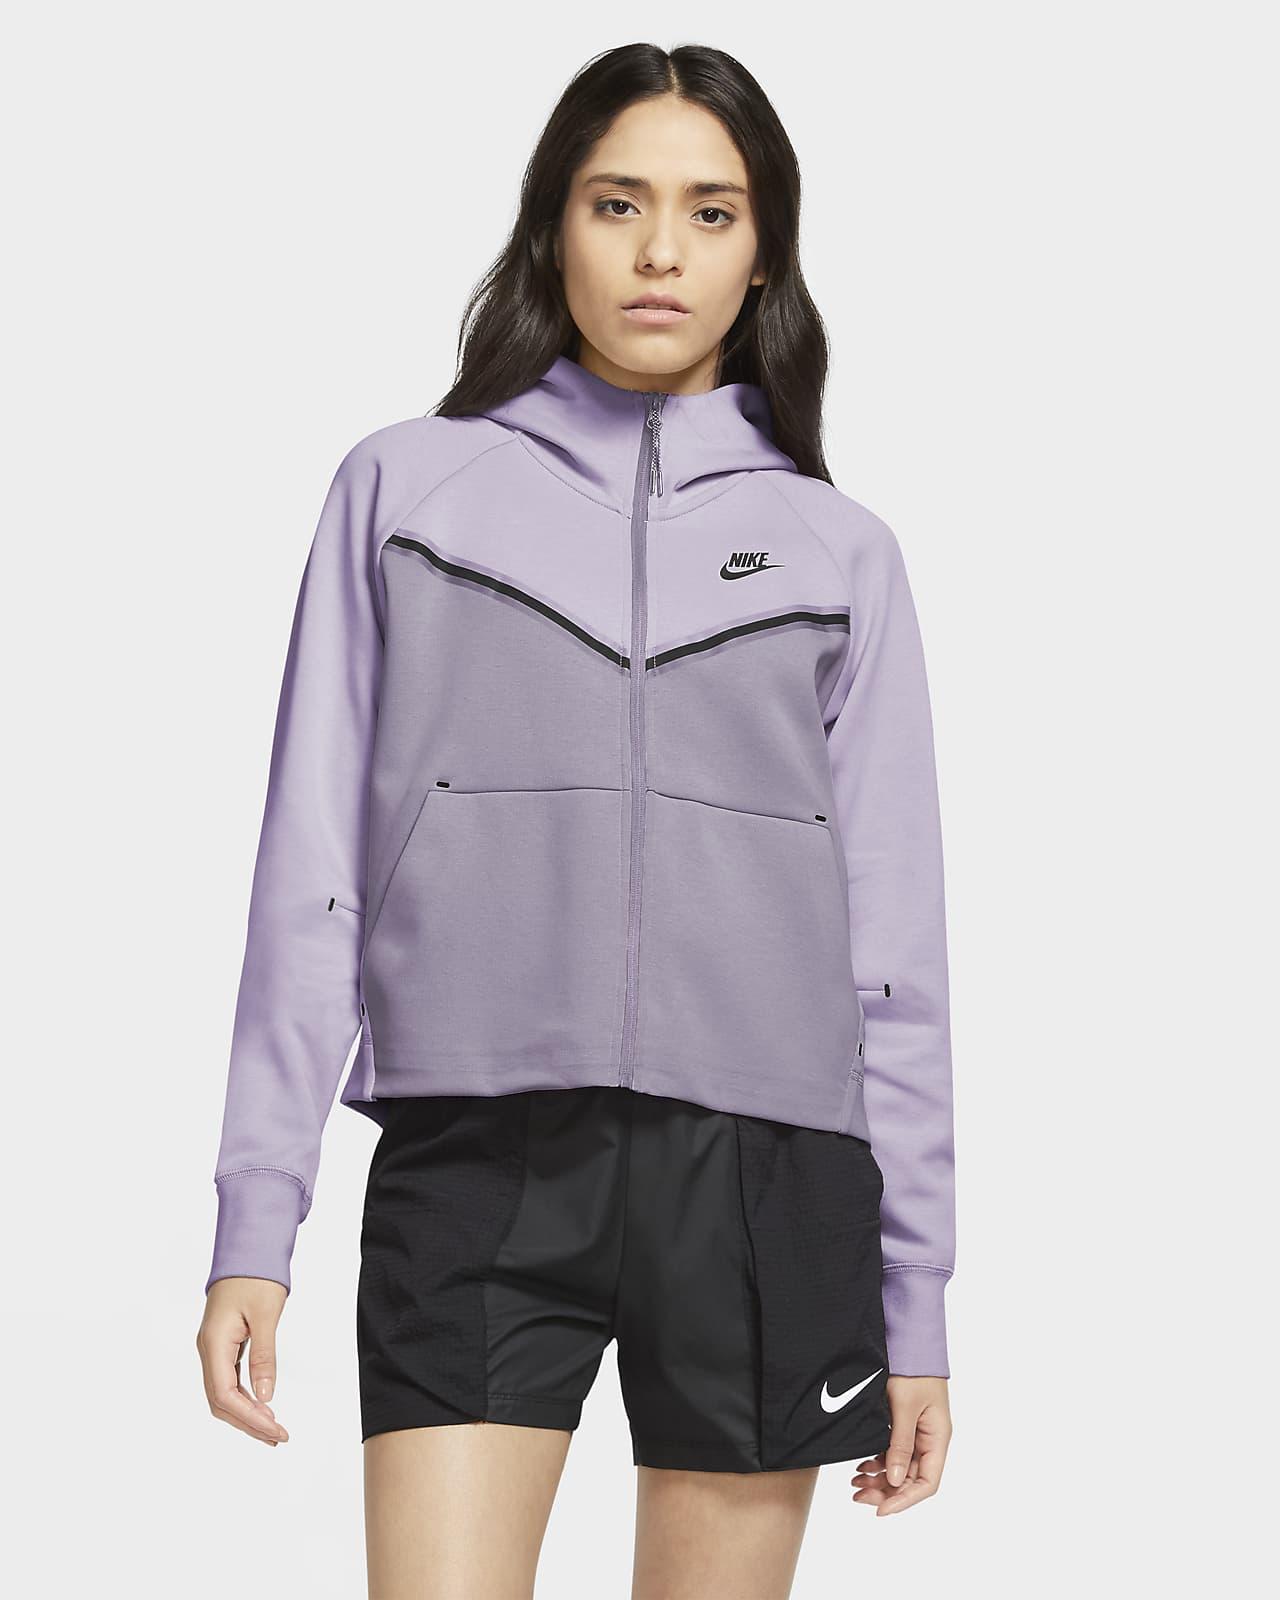 Γυναικεία μπλούζα με κουκούλα και φερμουάρ Nike Sportswear Tech Fleece Windrunner